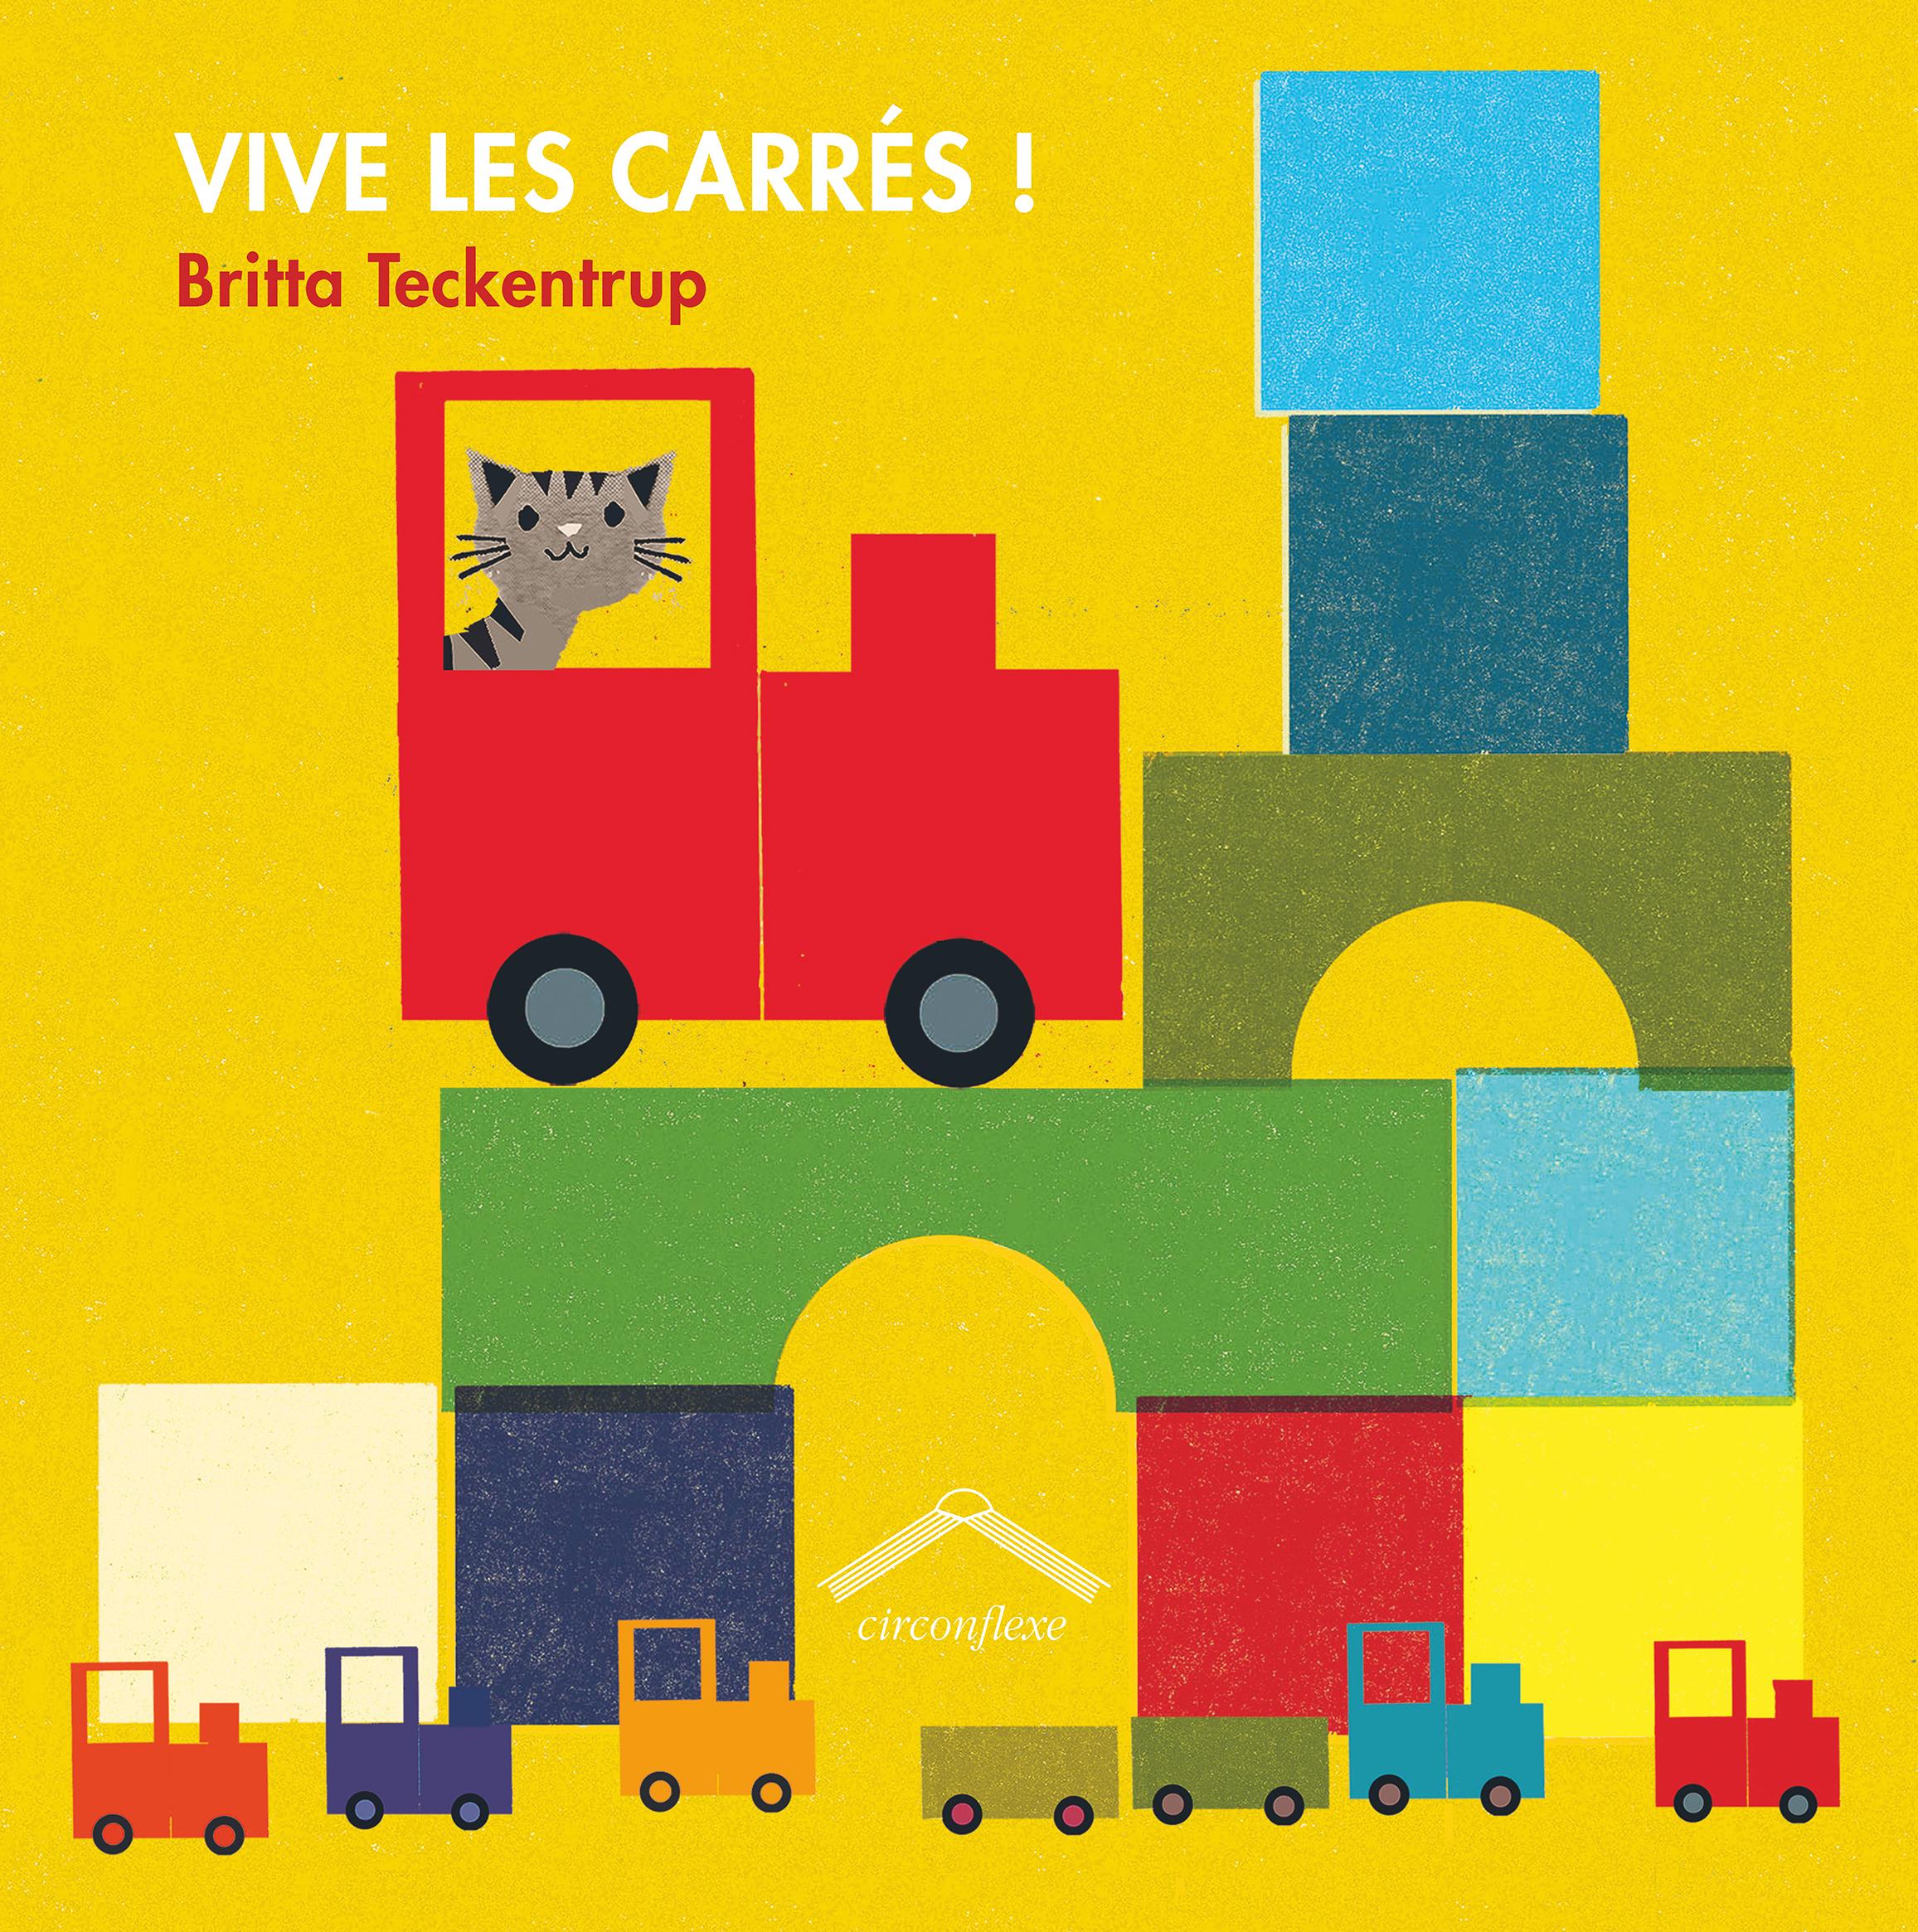 VIVE LES CARRES !